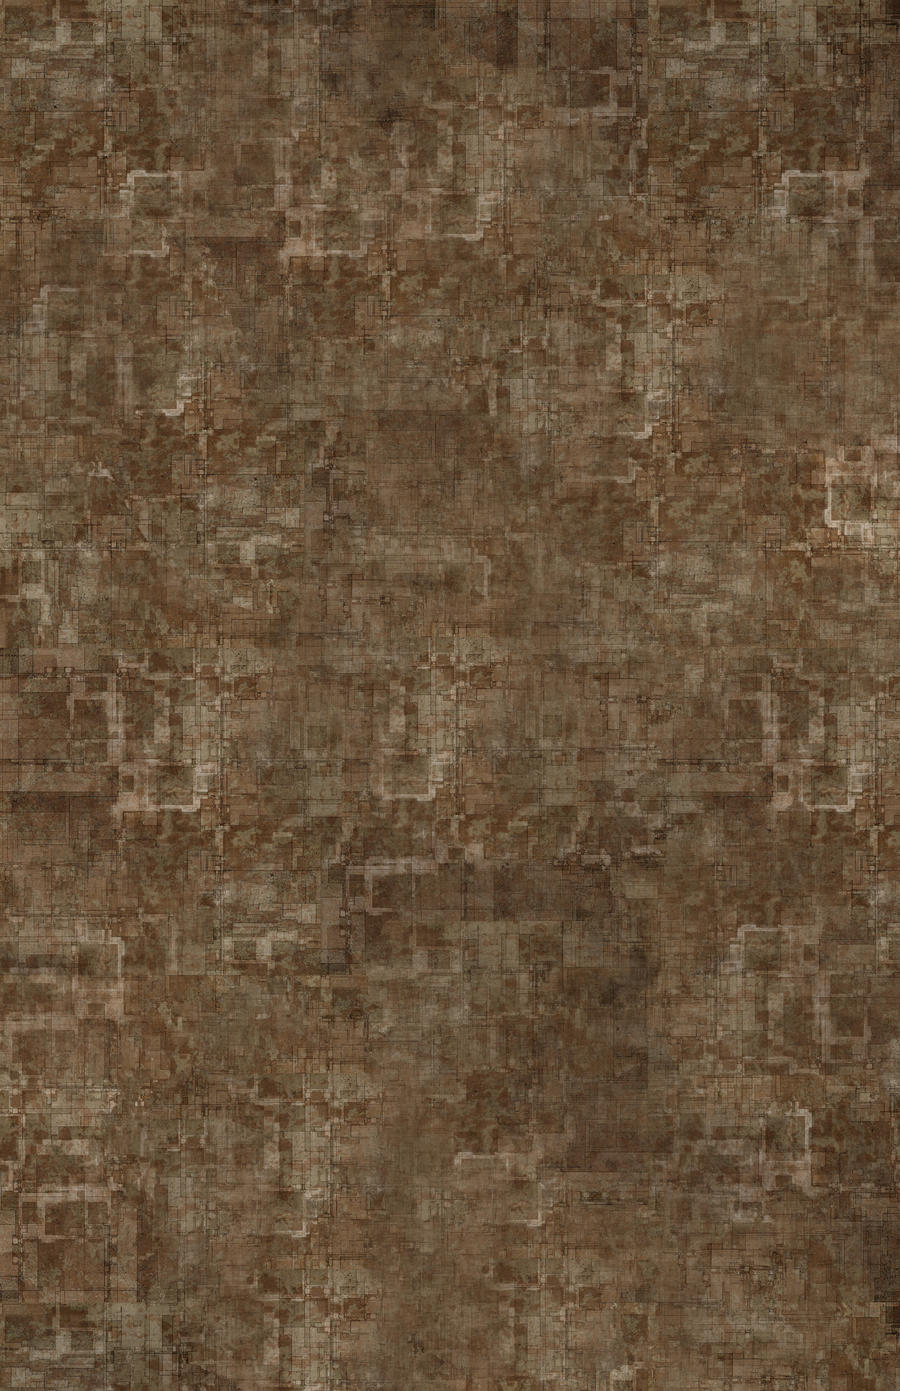 NEWNEW squarepattern texture